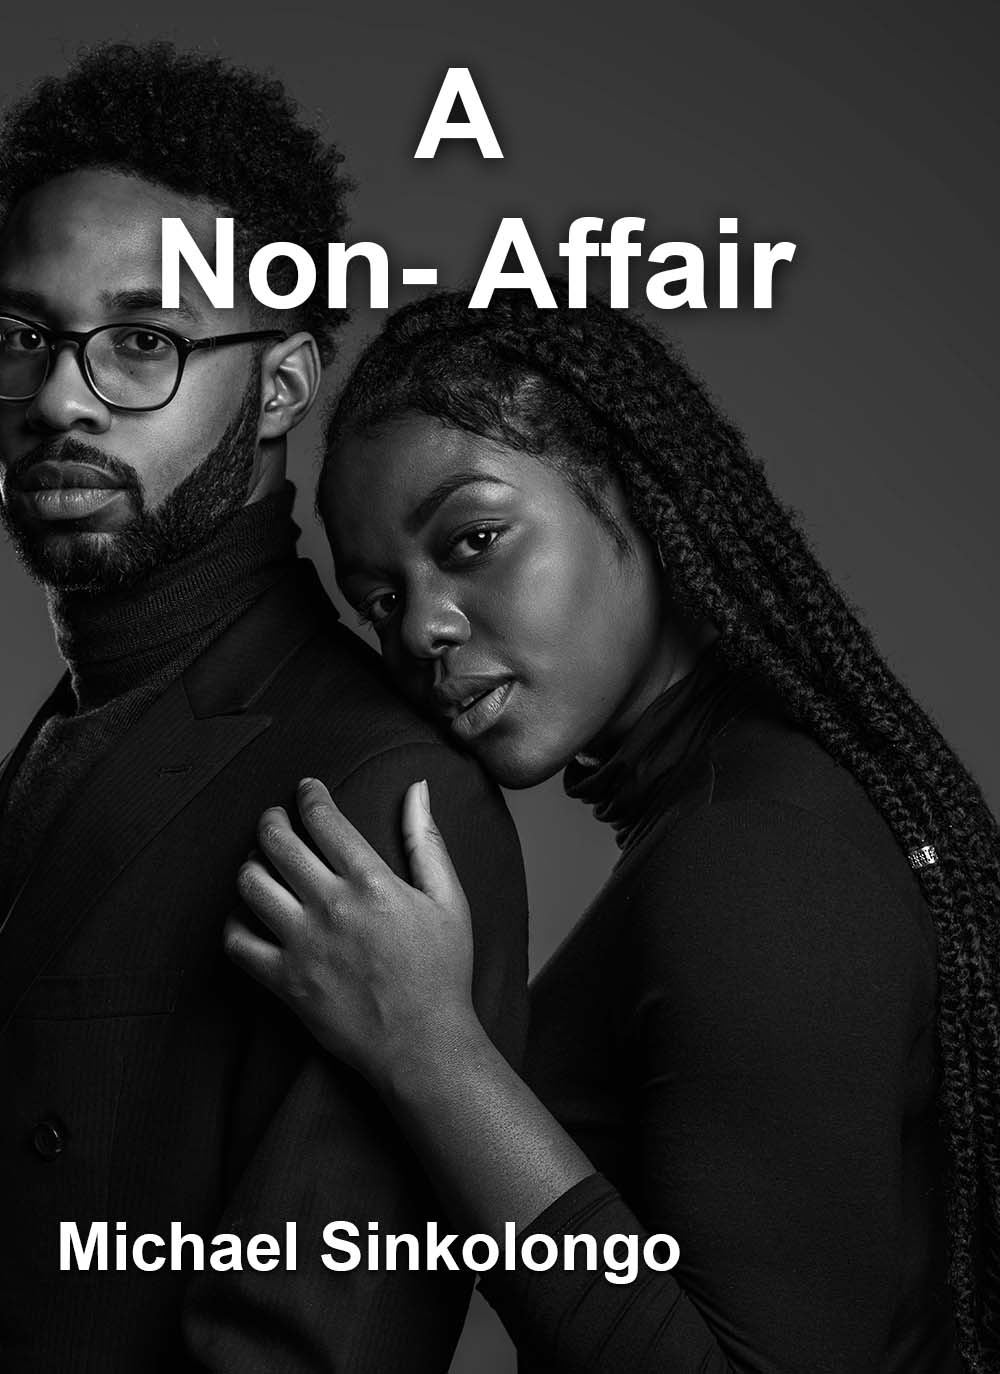 A Non-Affair